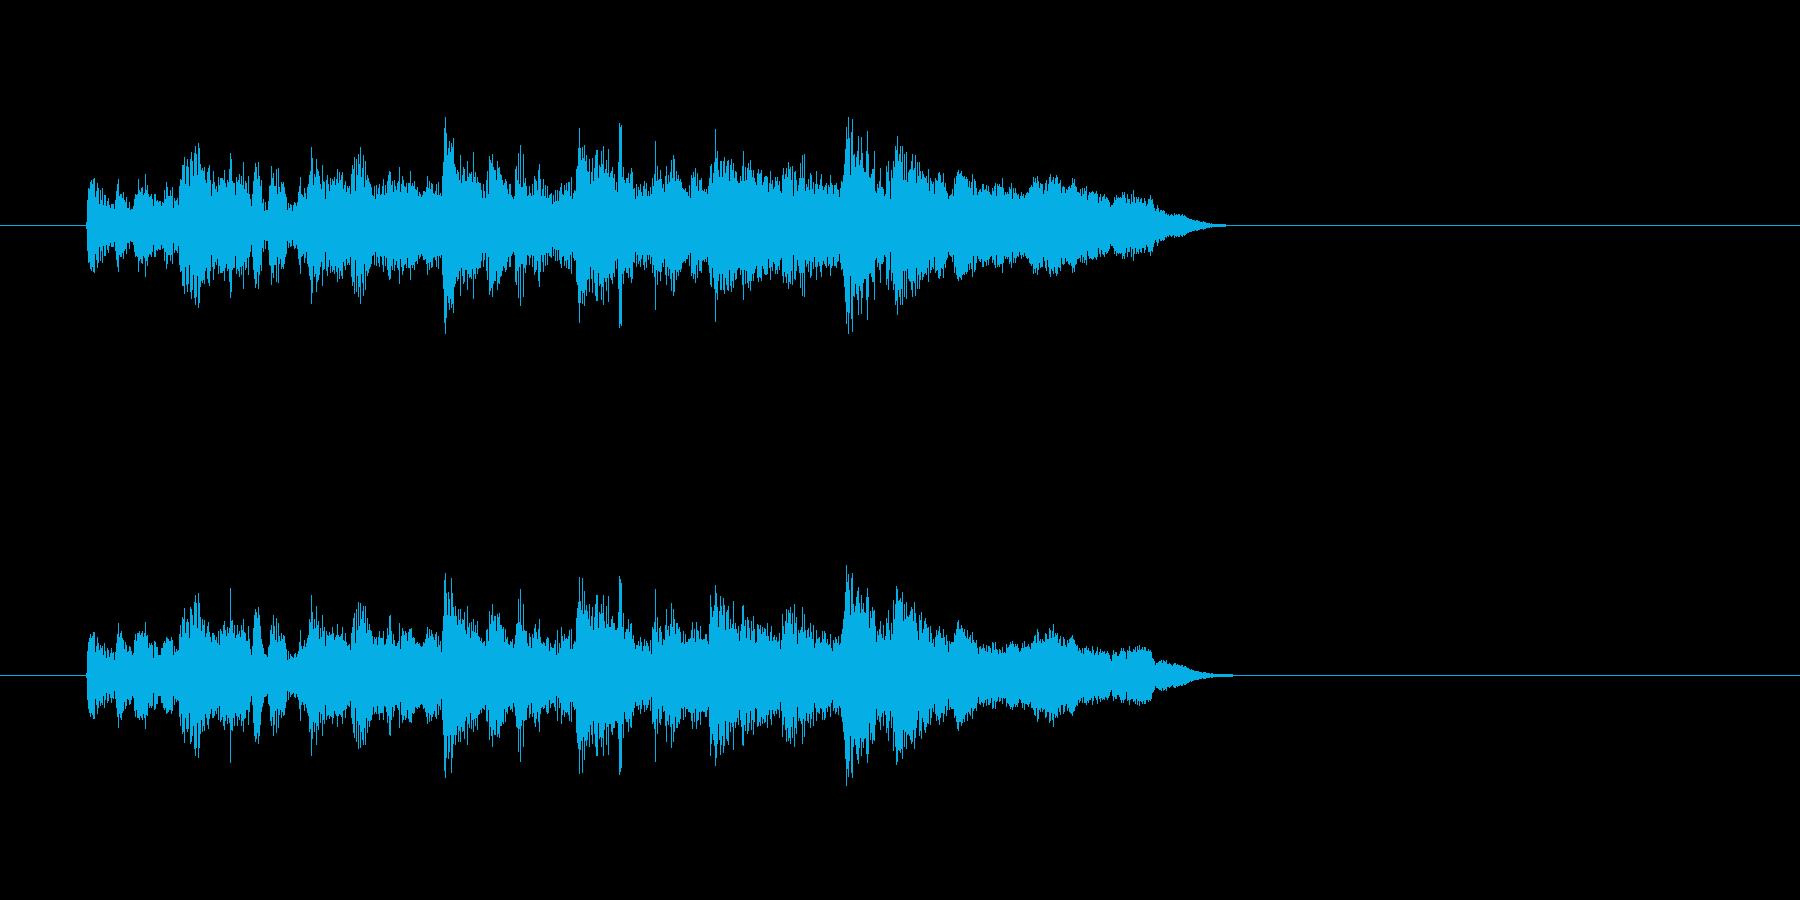 ジャズ サックス 大人 クール おしゃれの再生済みの波形